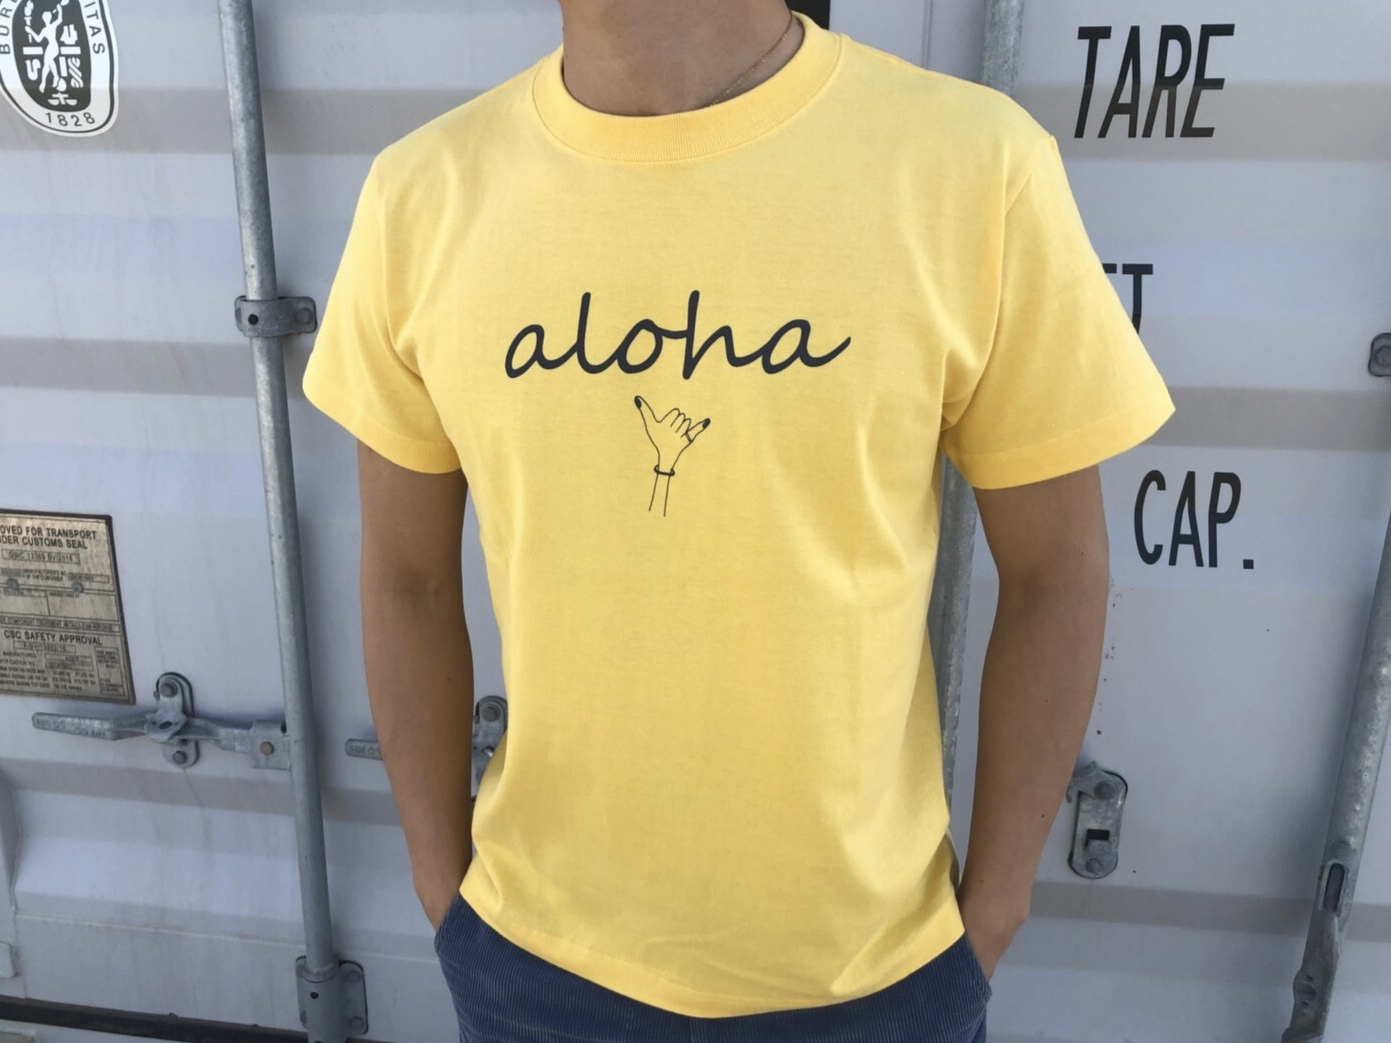 【7/3 21:00再入荷】(Fine7月号掲載) alohaサイン Tシャツ(vintage yellow)